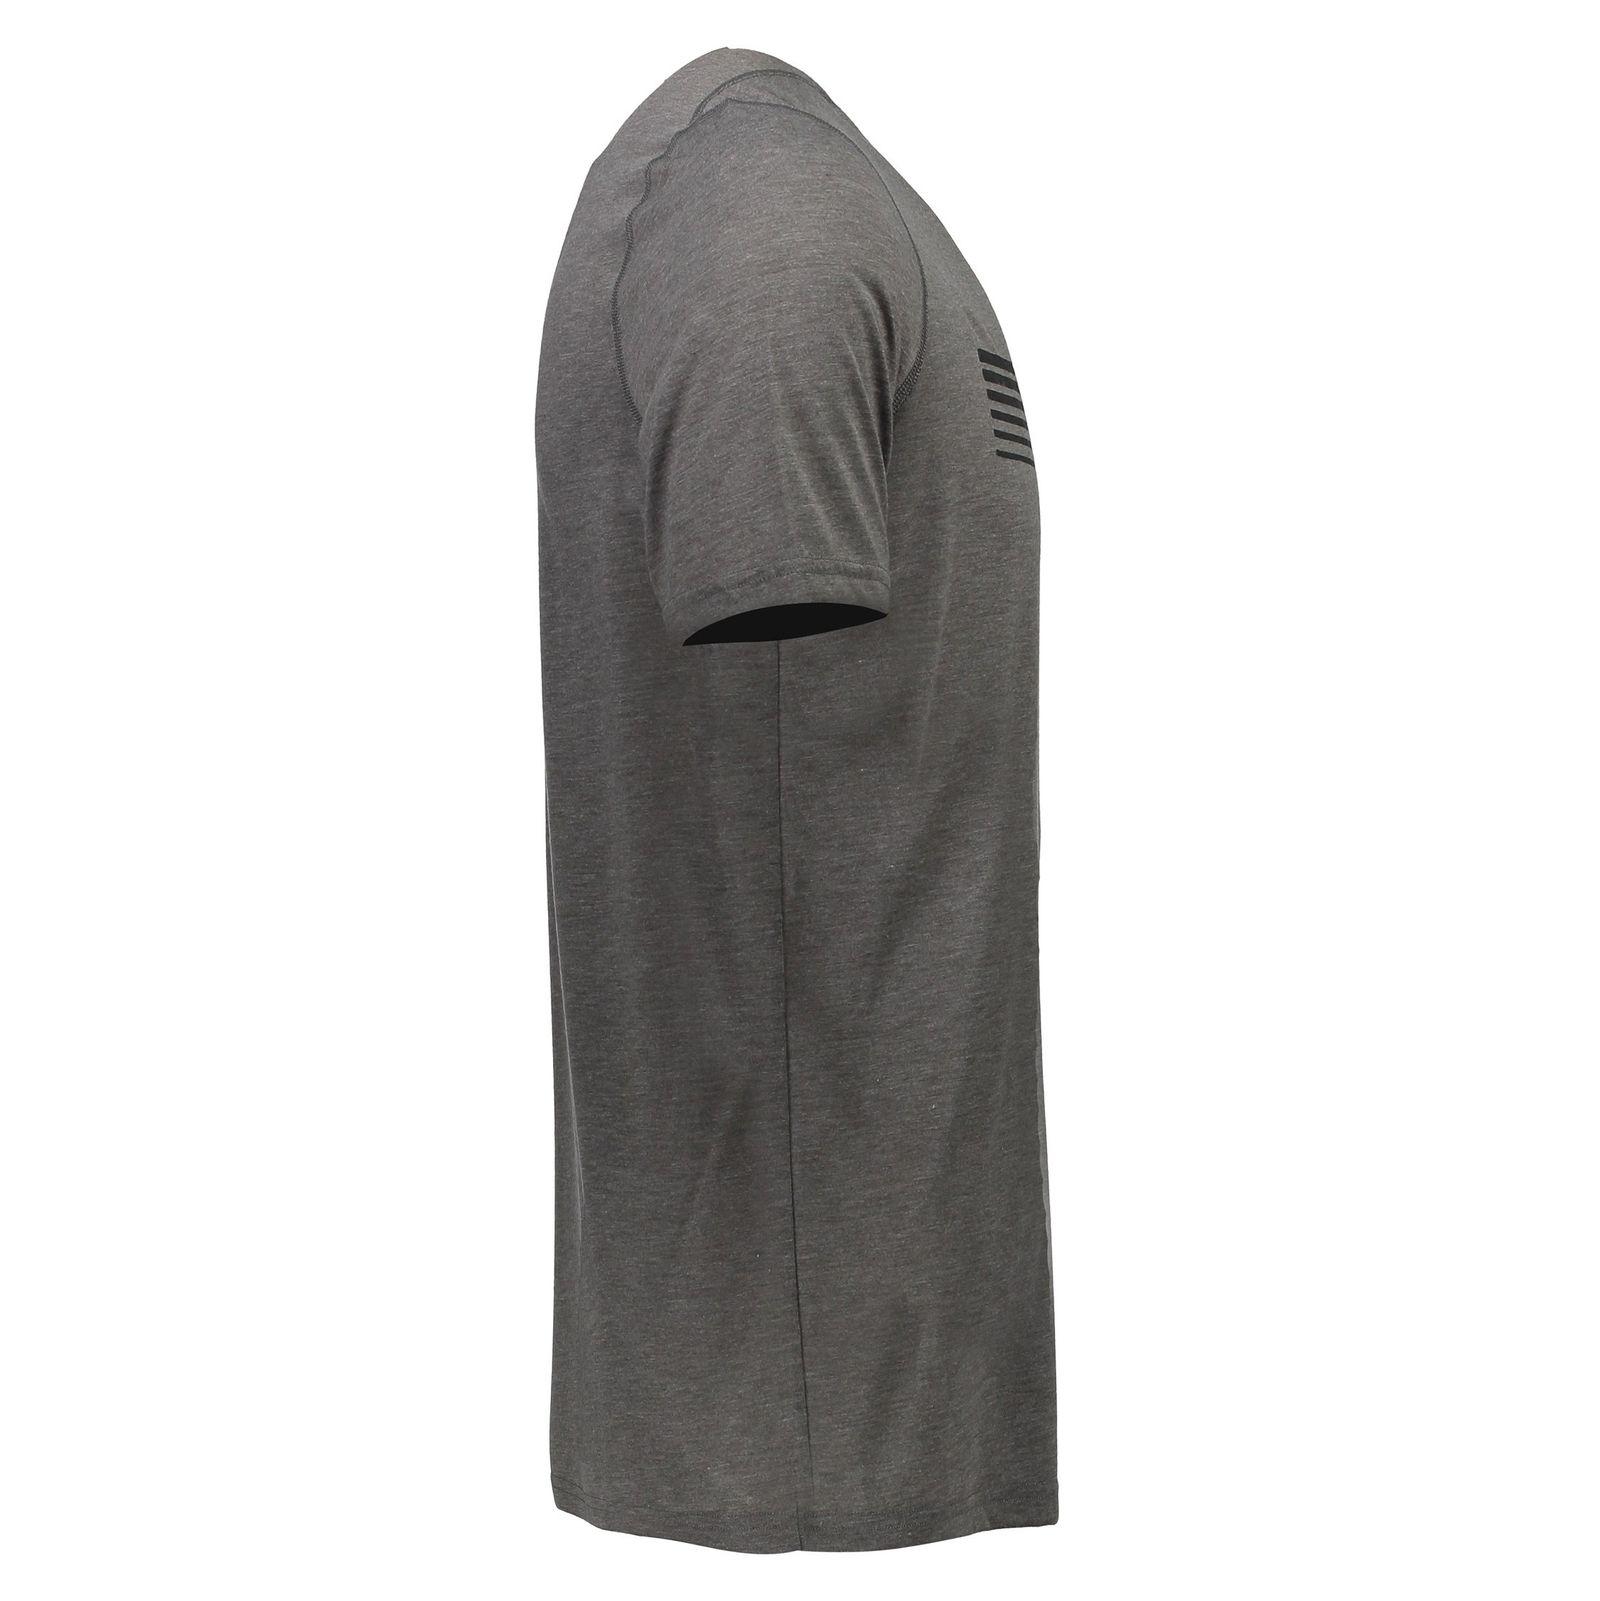 تی شرت ورزشی یقه گرد مردانه - آندر آرمور - طوسي تيره - 3